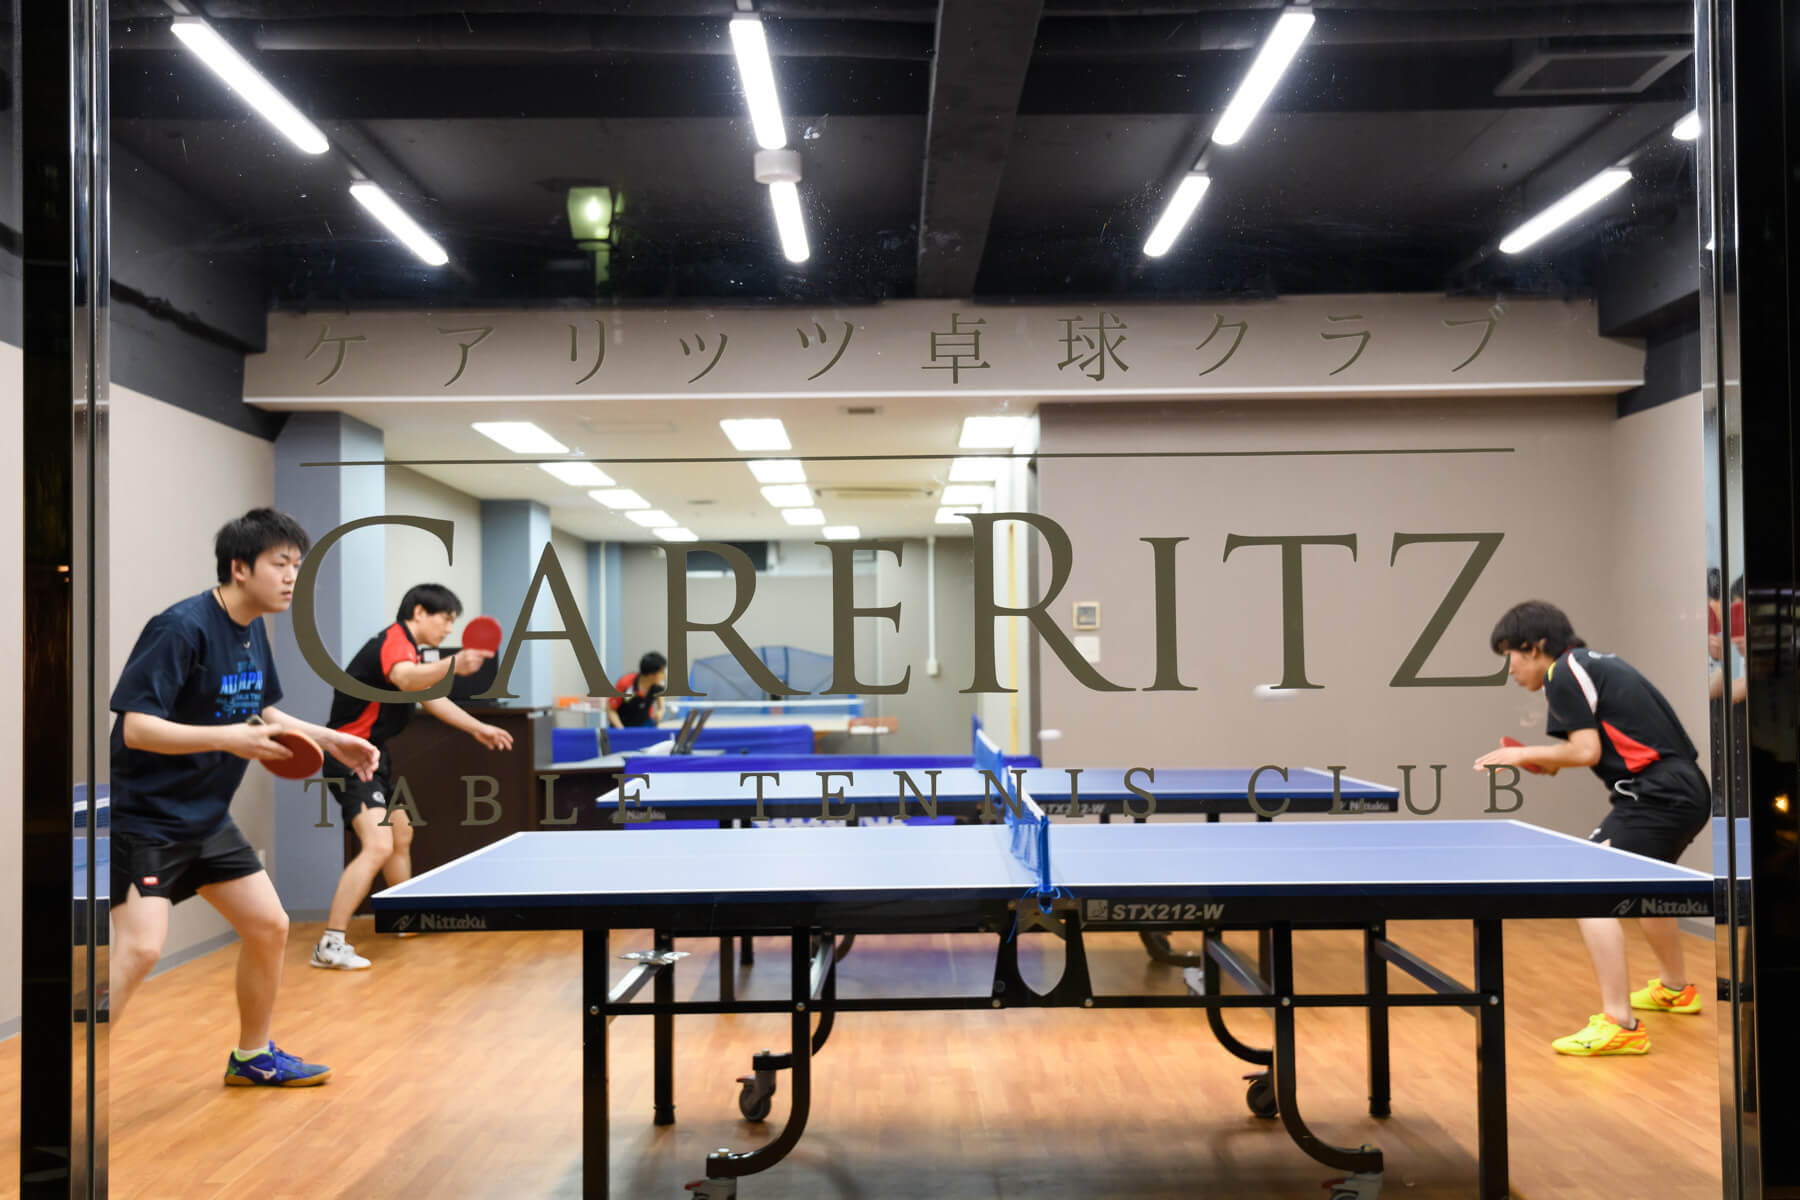 ケアリッツ卓球クラブ(ケアリッツTTC)が始動します!